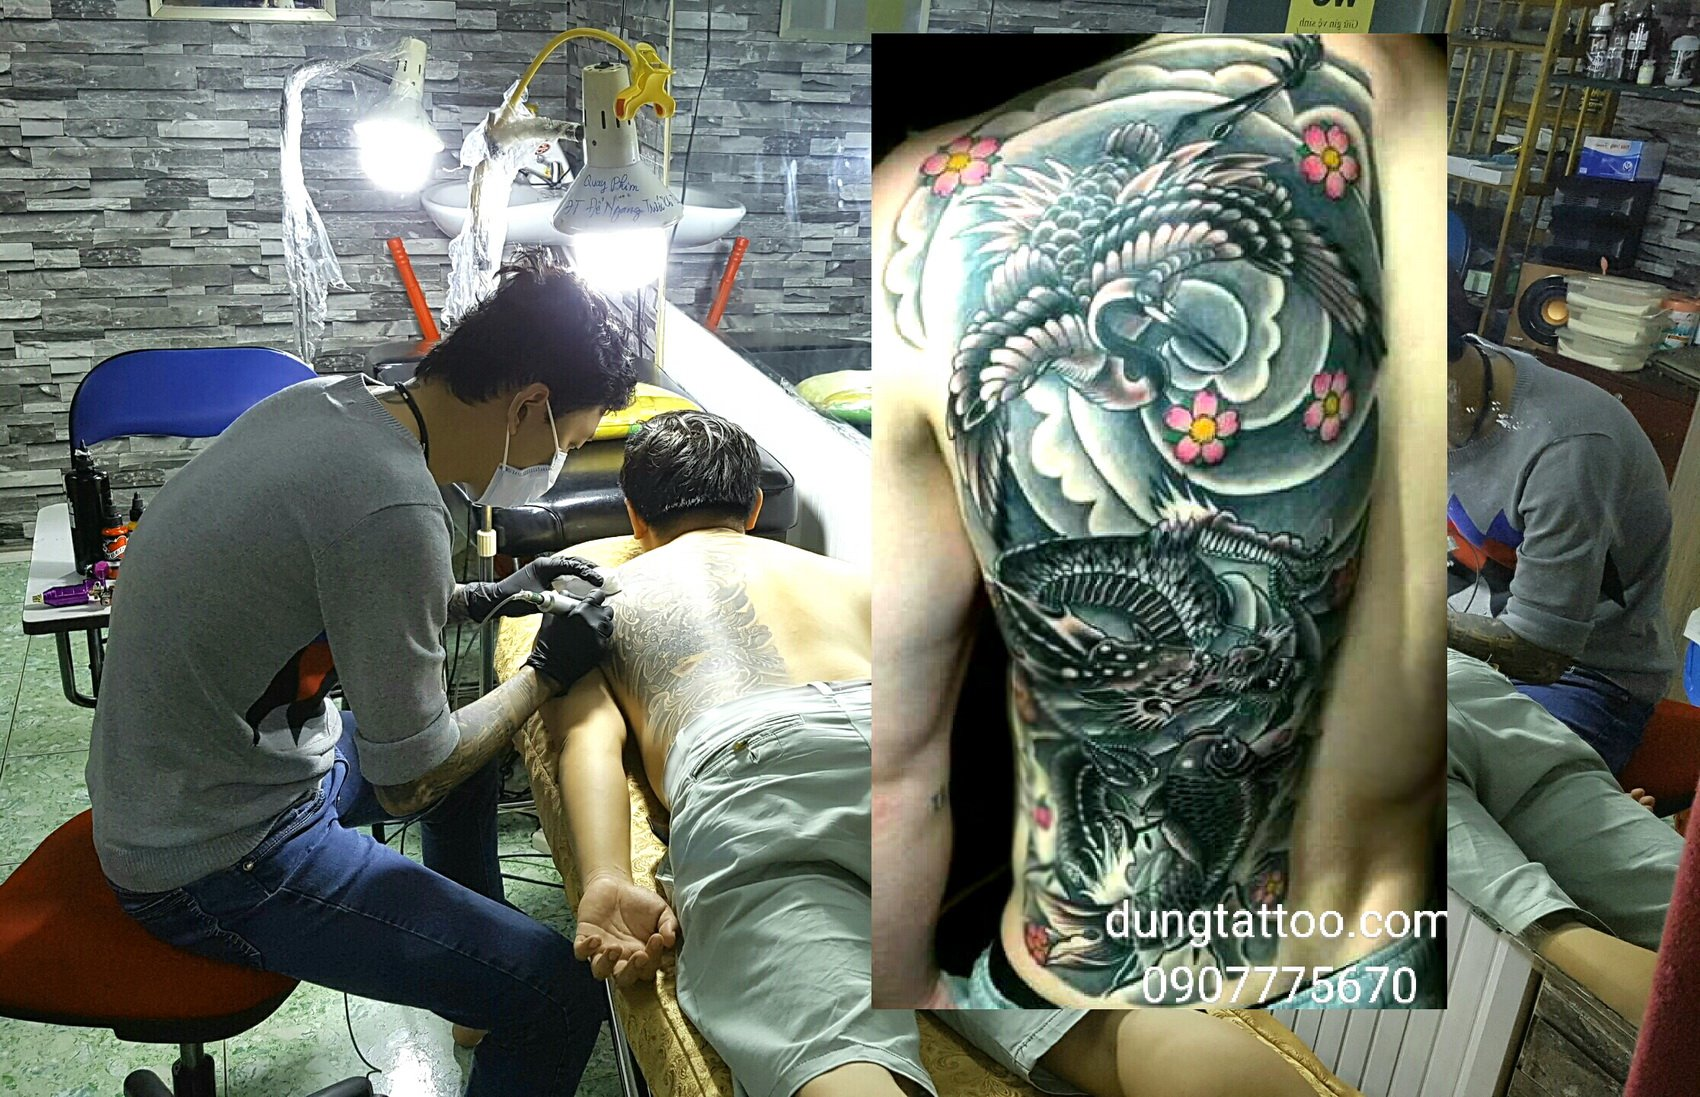 Hinh xam dep nua lung dung tattoo thuc hien dungtattoo.com